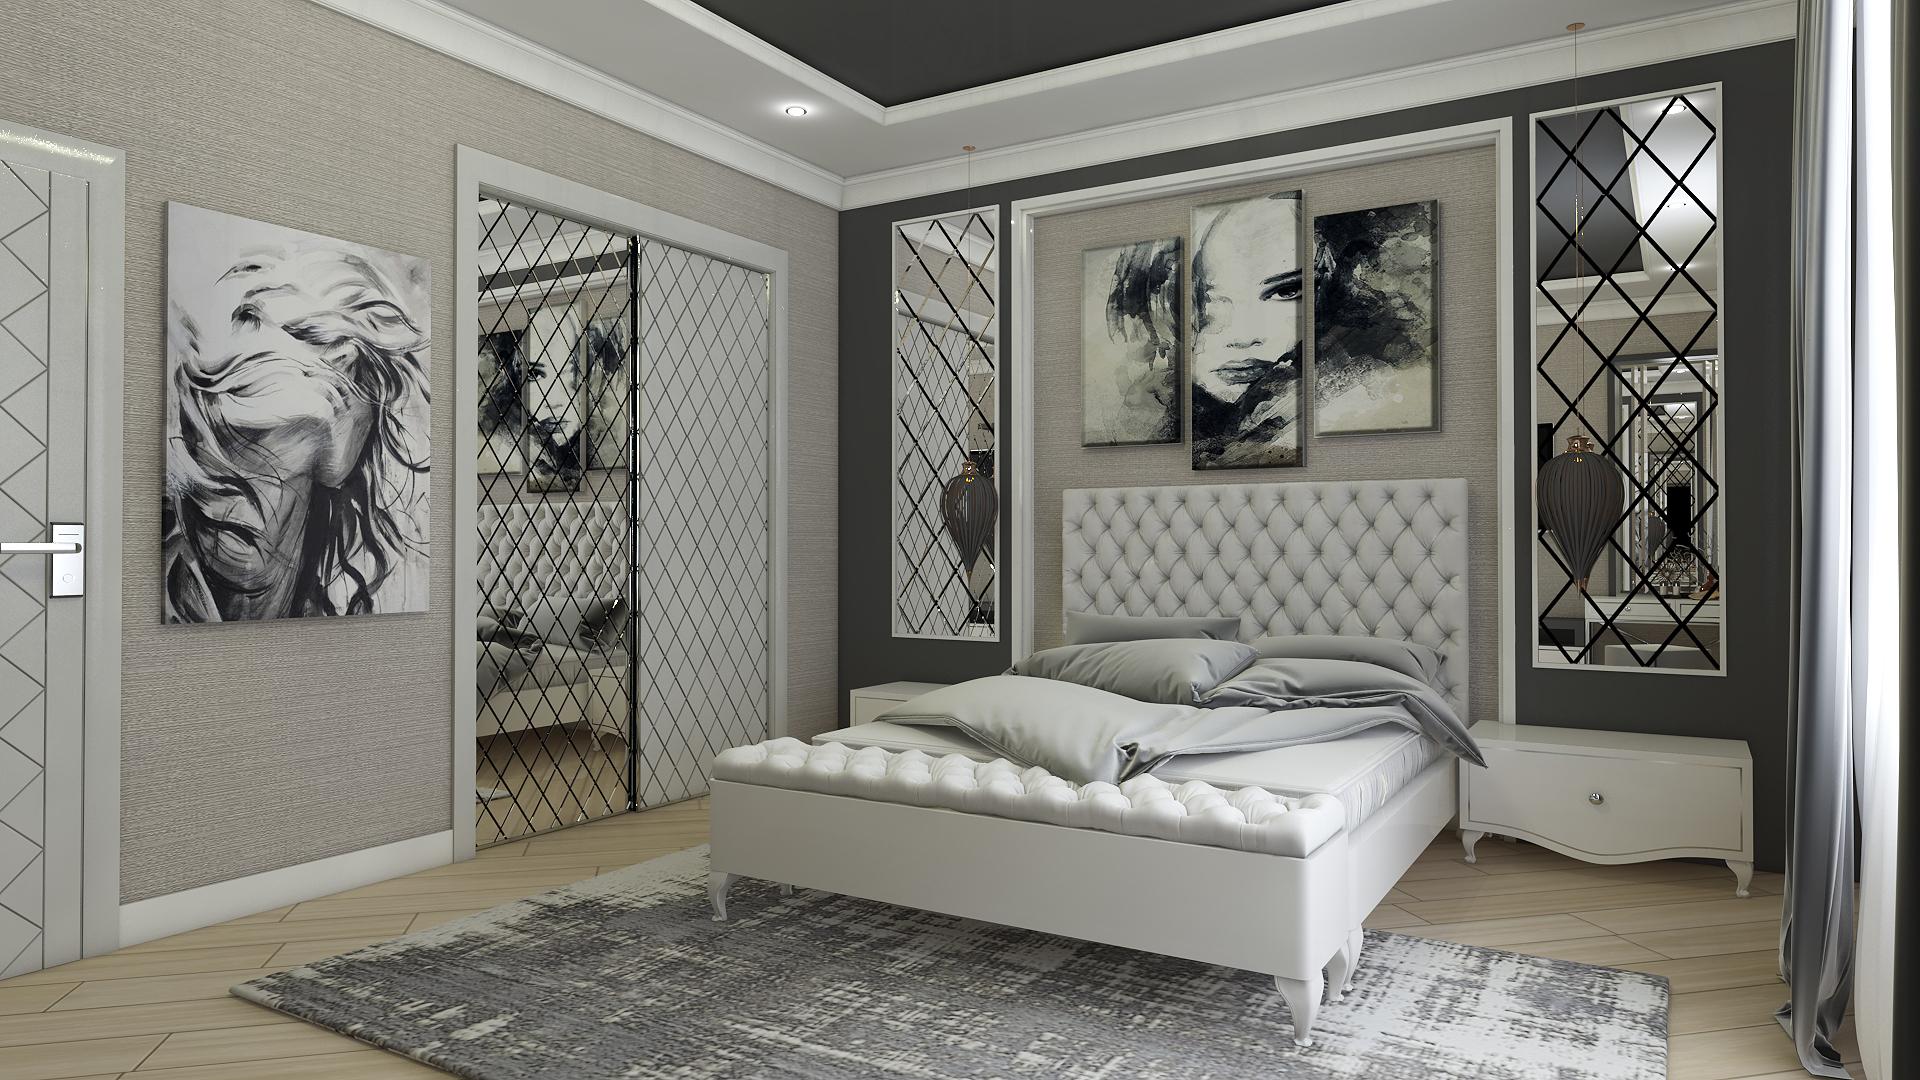 3D avangard bedroom interior design - TurboSquid 1497723